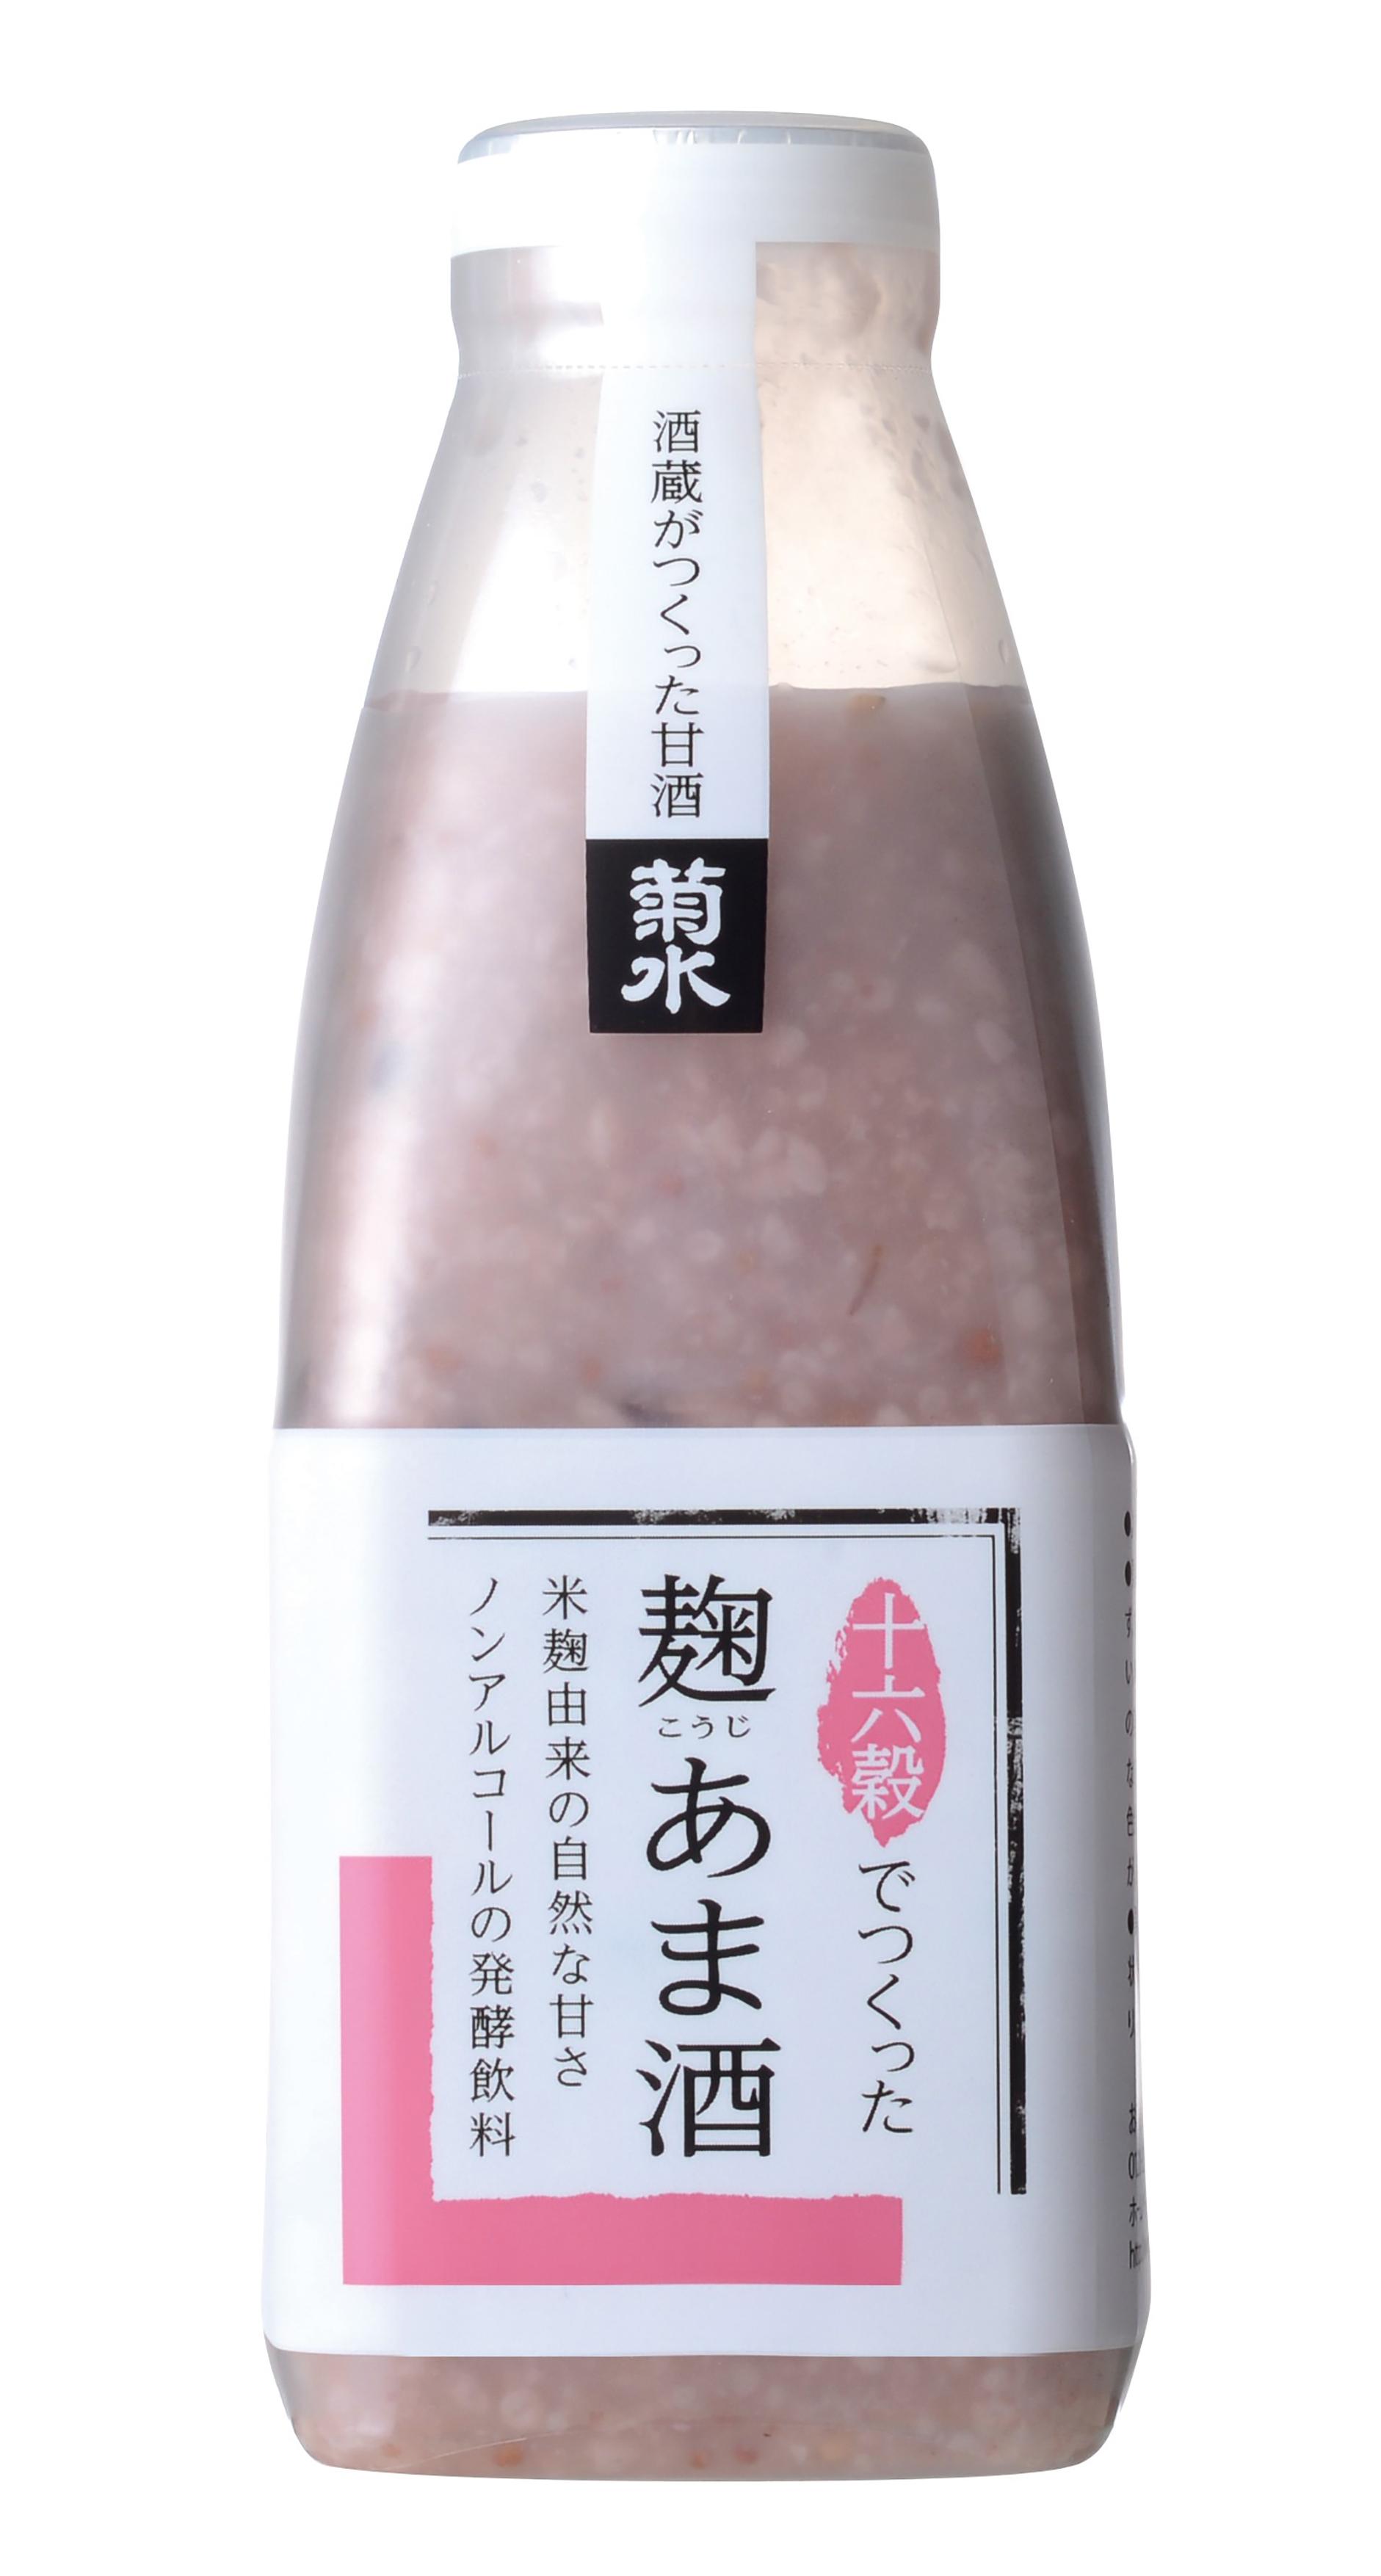 日テレ「ウチのガヤがすみません!」に菊水の甘酒が登場しました!